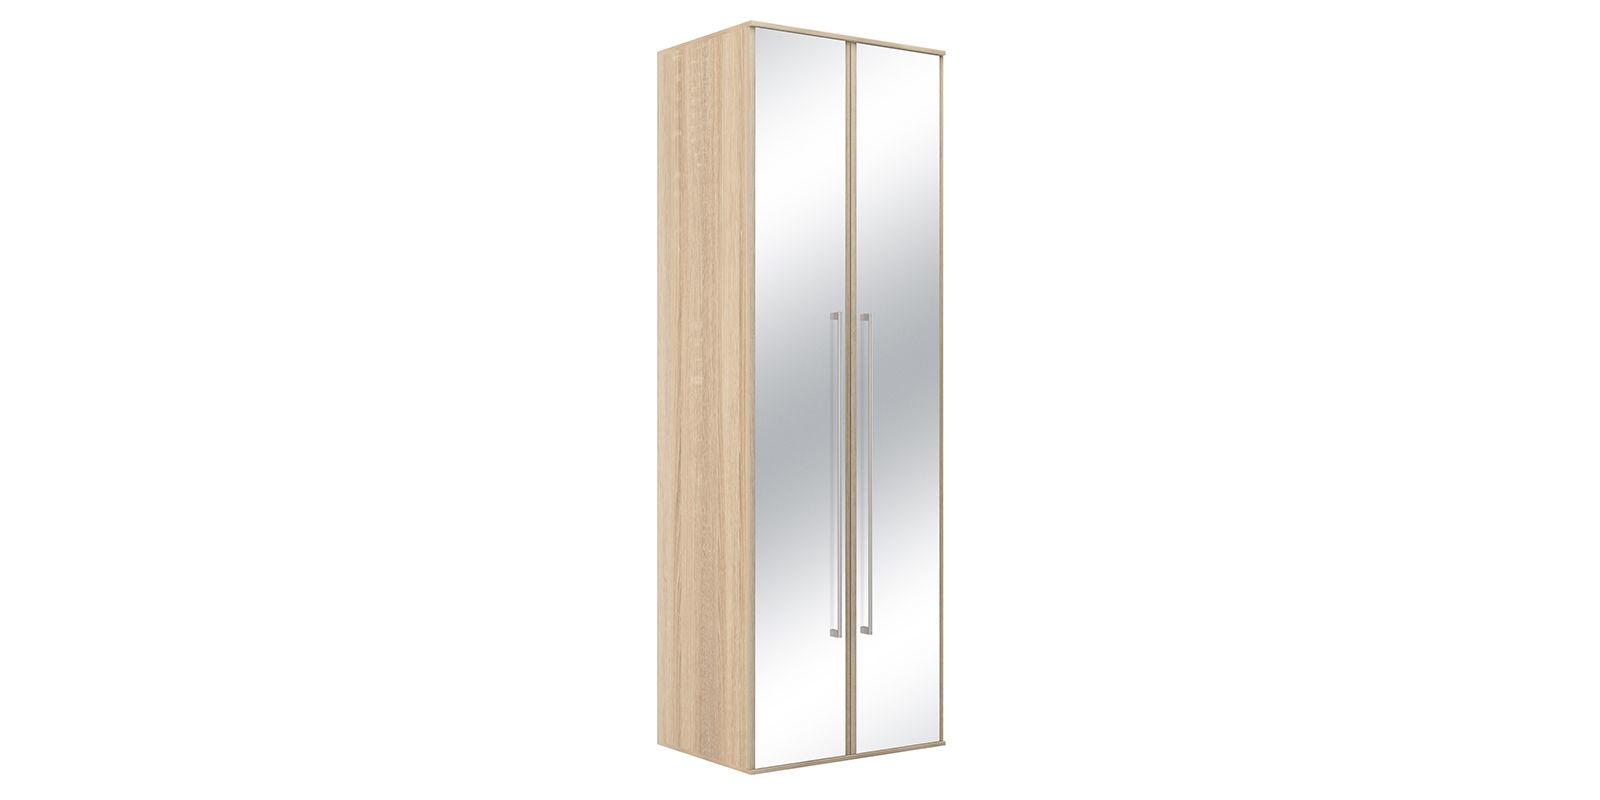 Шкаф распашной двухдверный Бали вариант №1 (дуб сонома/зеркальный)